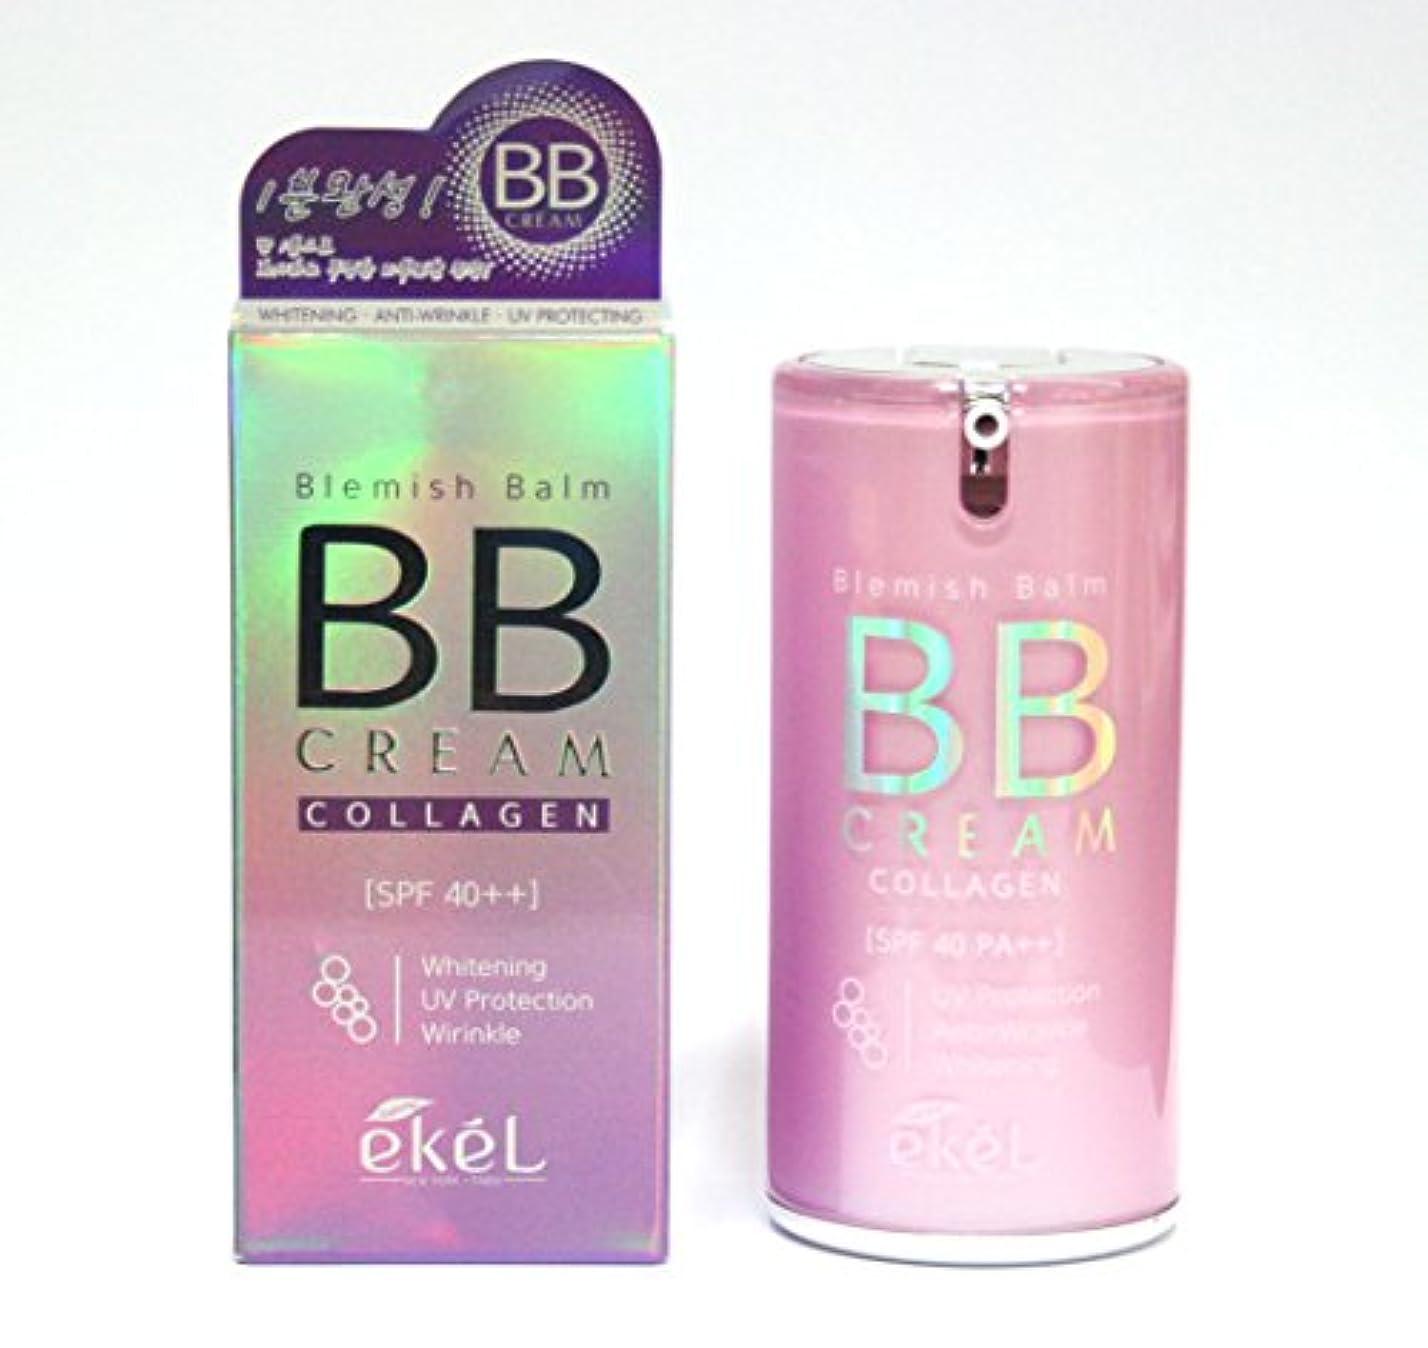 アクセシブルポルティコ篭[EKEL] ブレミッシュバームコラーゲンBBクリーム50g / Blemish Balm Collagen BB Cream 50g /ホワイトニング、UV保護、しわ / whitening, uv protection...